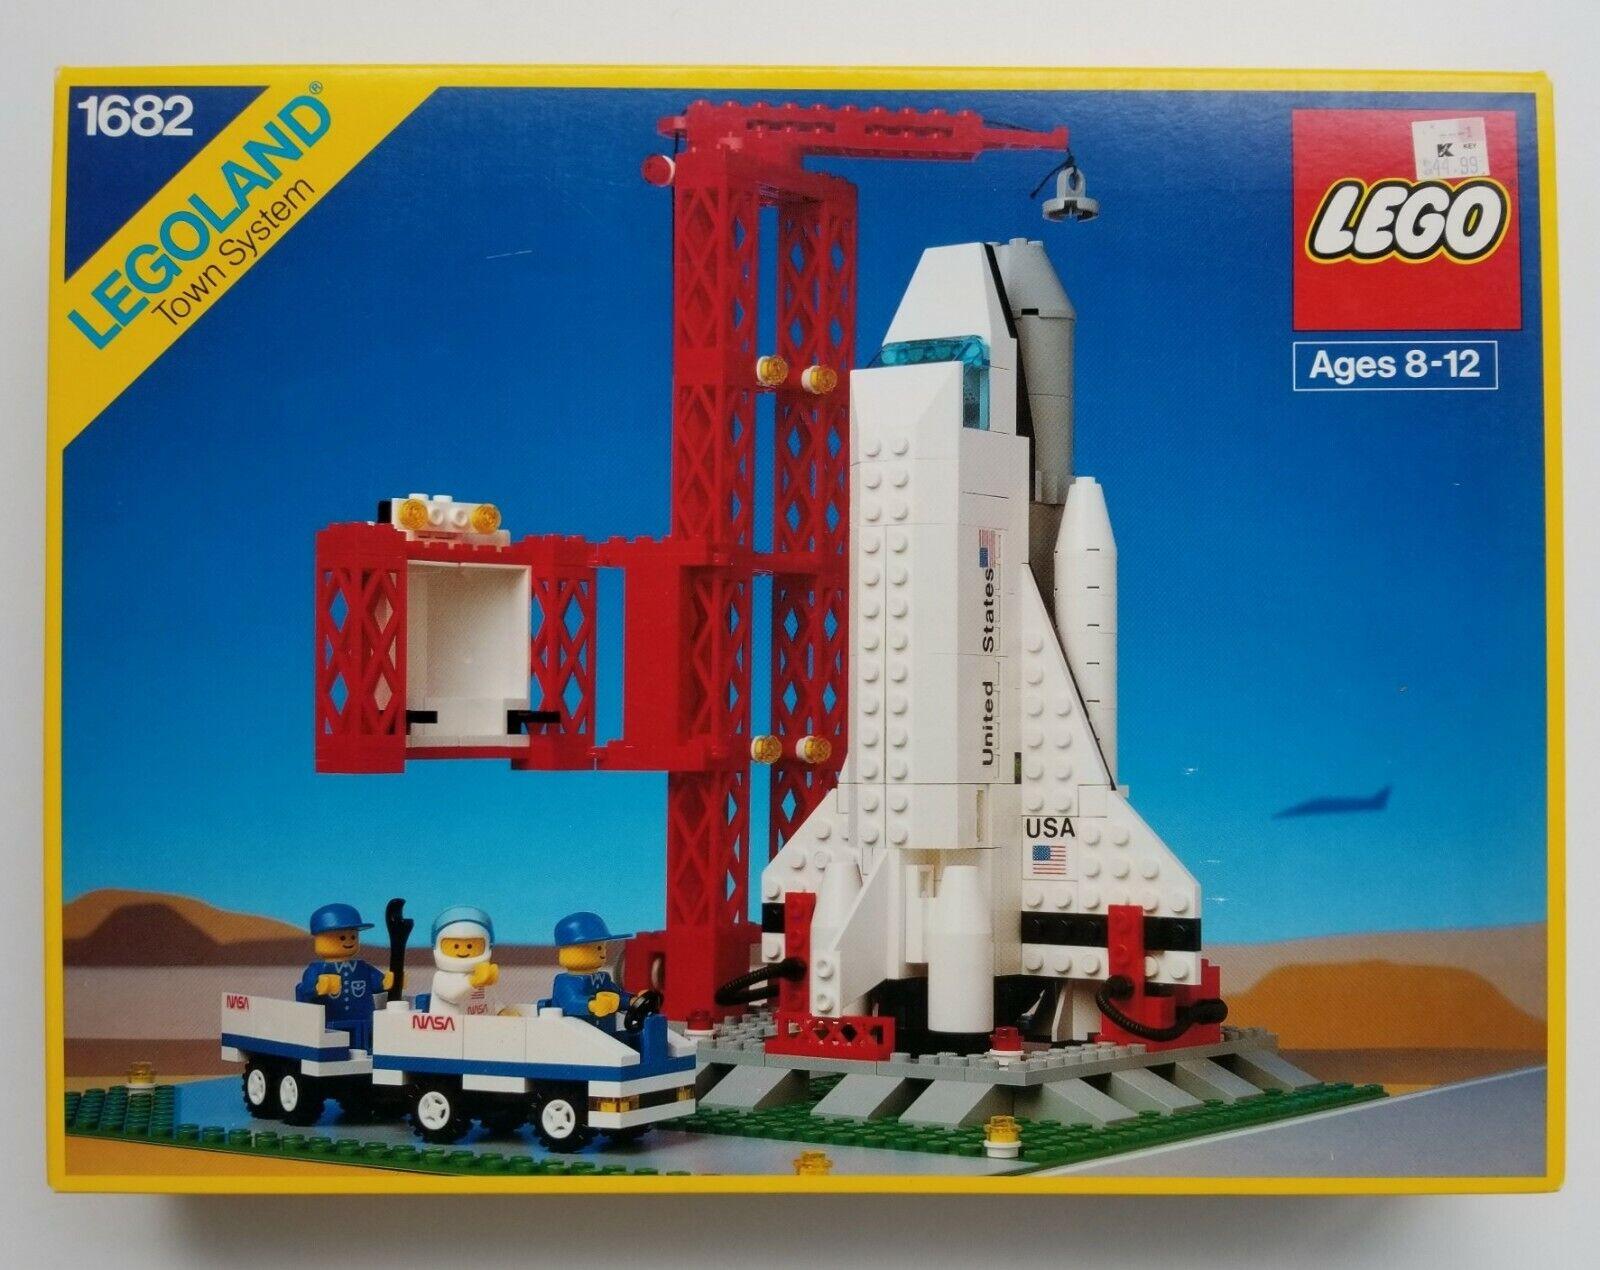 Lego 1682 Vintage SPACE SHUTTLE - 1990's - - - Brand New, NISB, NIB c6532a